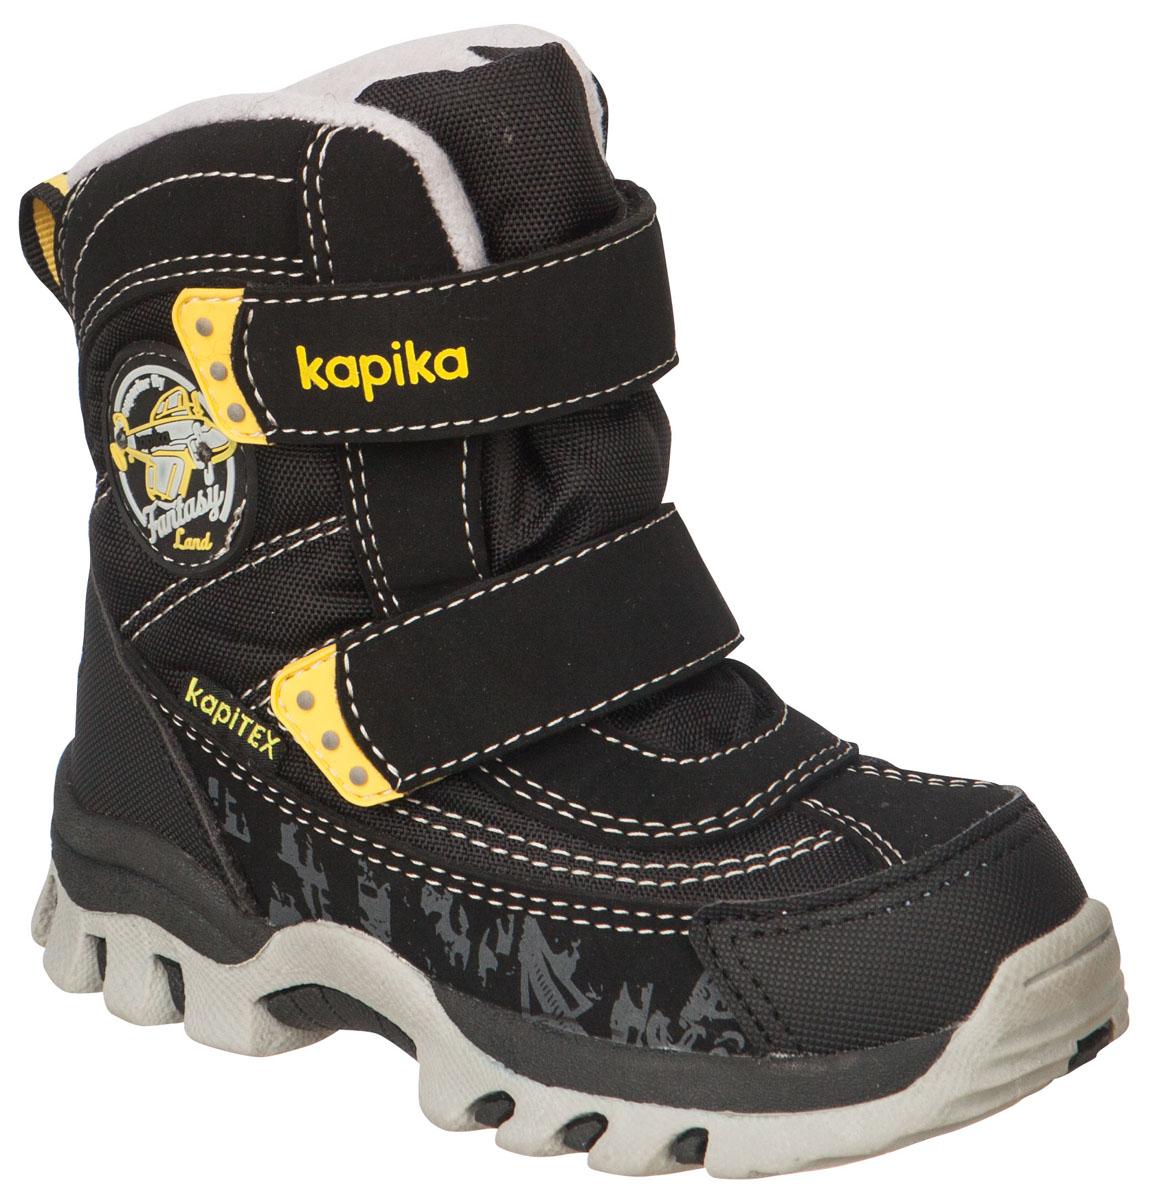 Ботинки для мальчика Kapika, цвет: черный, желтый. 41175-1. Размер 2741175-1Легкие, удобные и теплые ботинки от Kapika выполнены из мембранных материалов и искусственной кожи. Два ремешка на застежках-липучках надежно фиксируют изделие на ноге. Мягкая подкладка и стелька из шерсти обеспечивают тепло, циркуляцию воздуха и сохраняют комфортный микроклимат в обуви. Подошва с протектором гарантирует идеальное сцепление с любыми поверхностями.Идеальная зимняя обувь для активных детей.